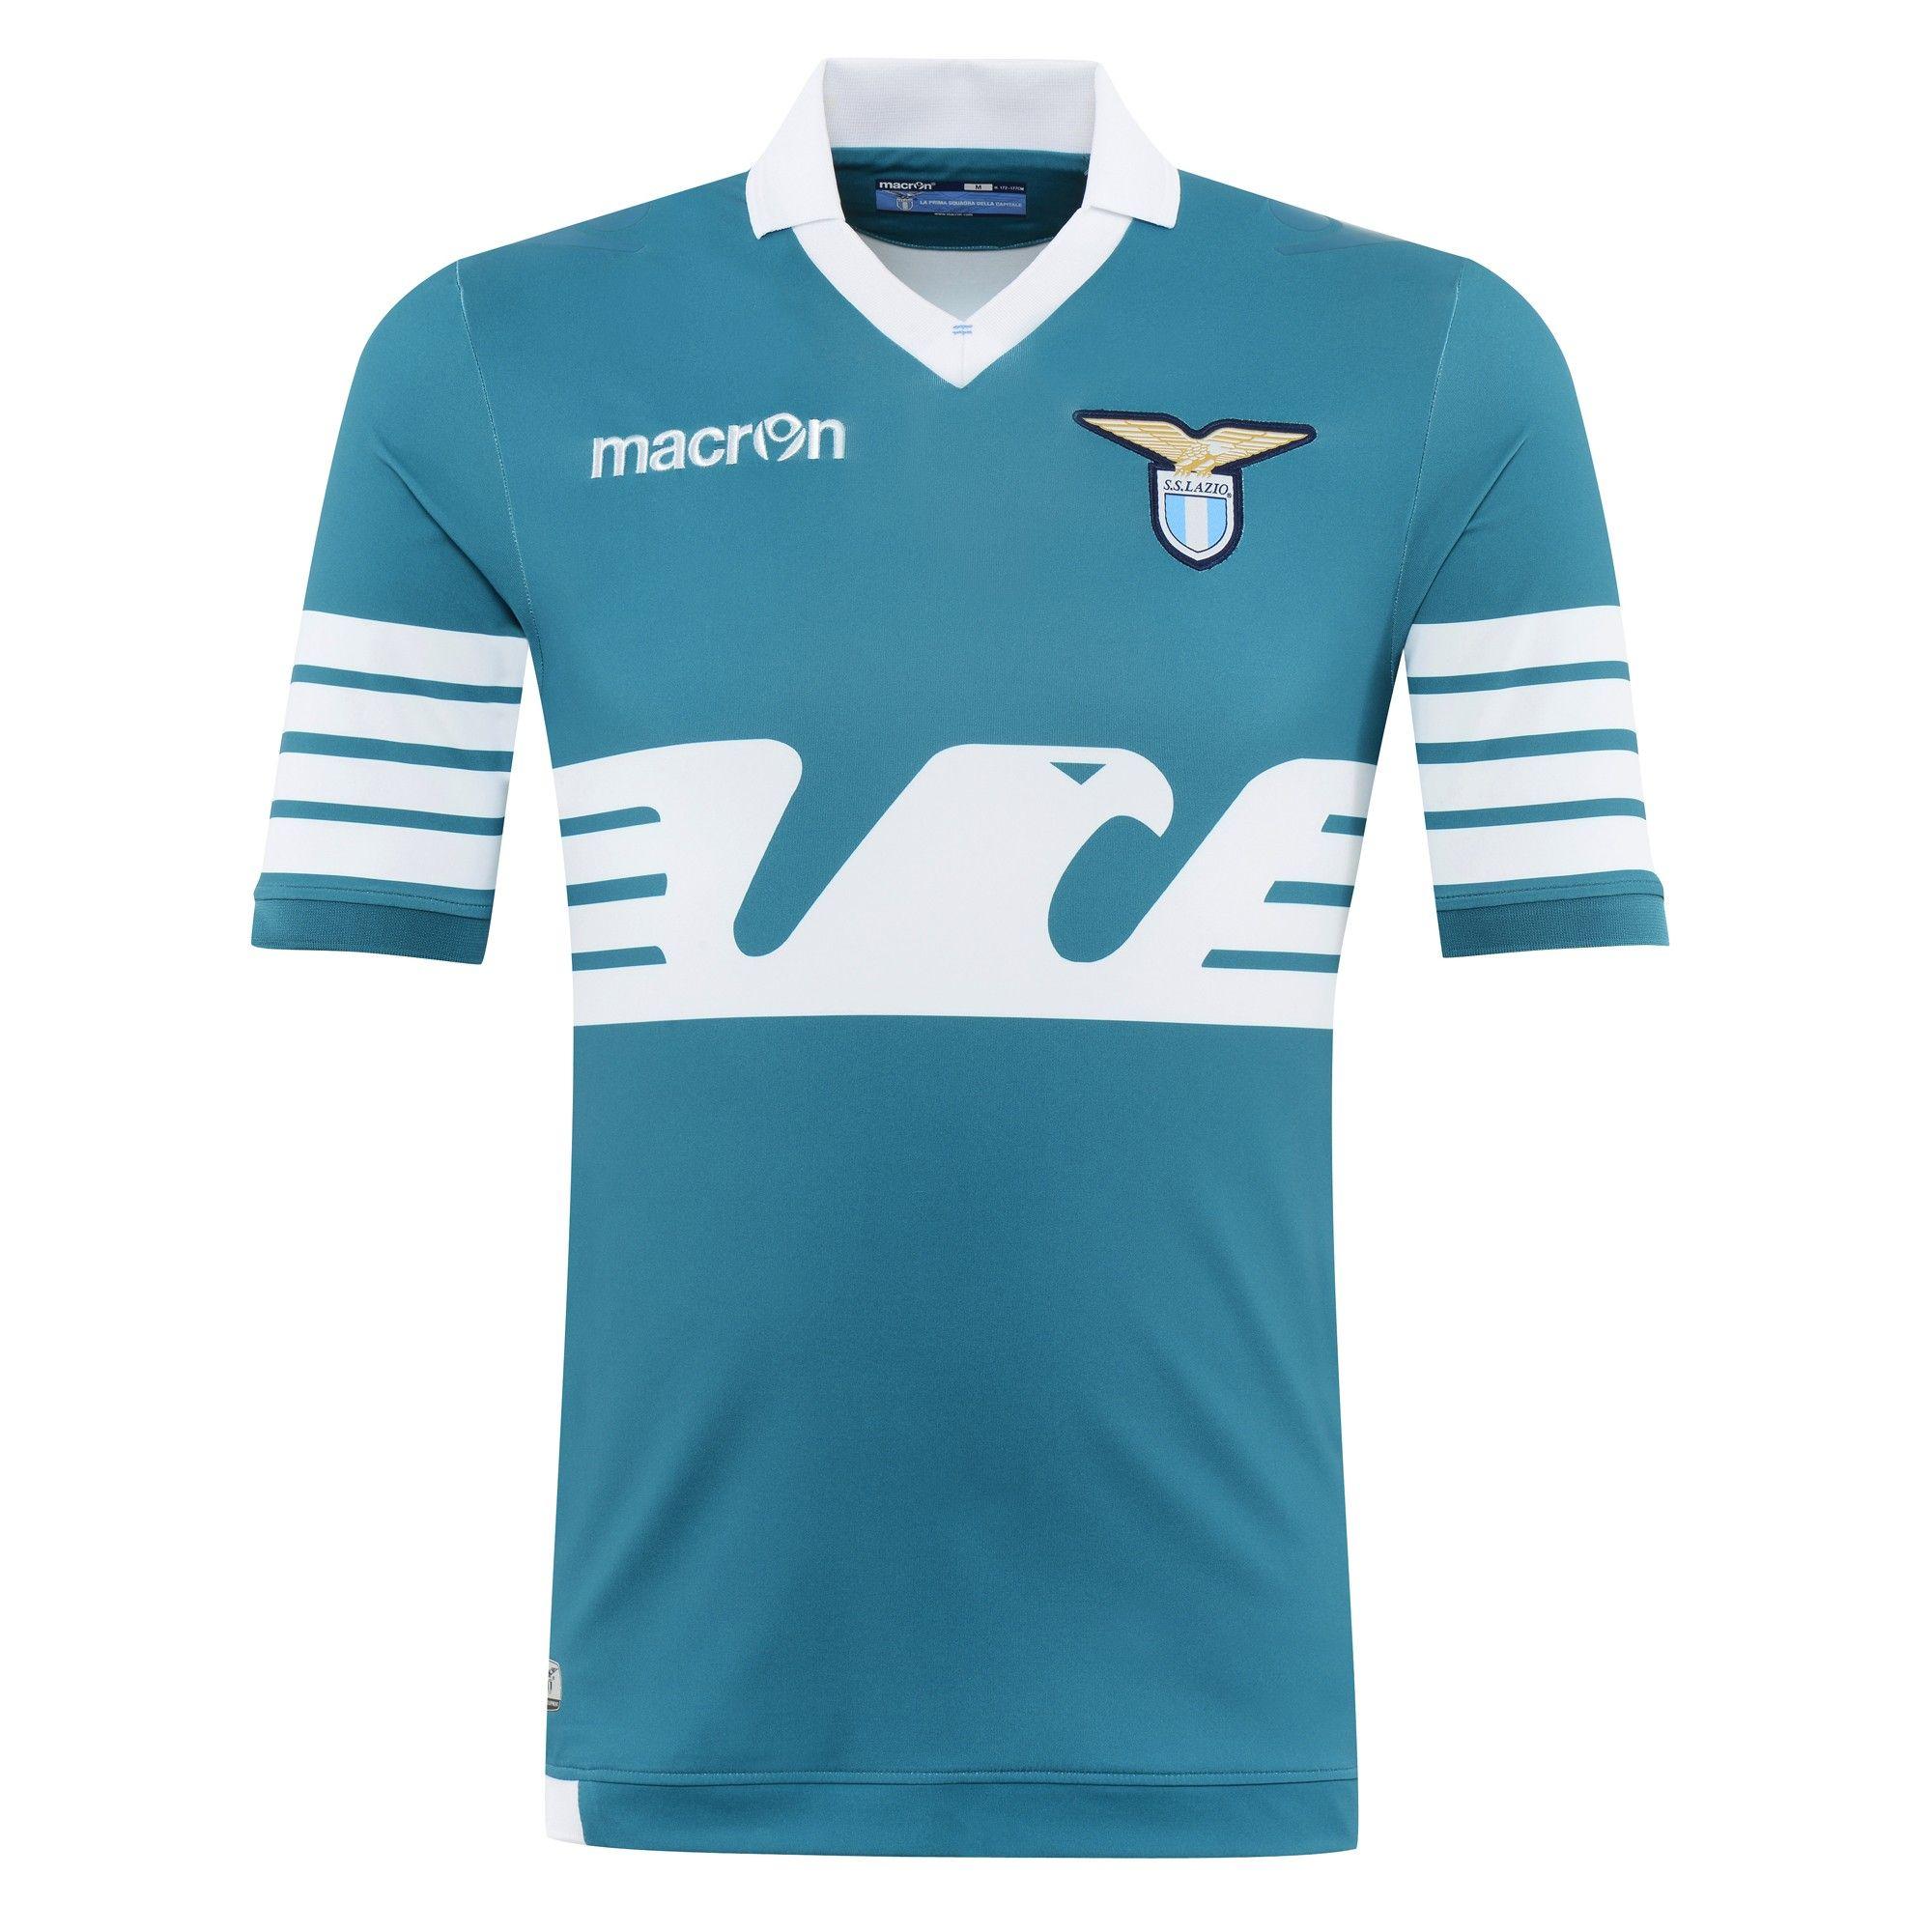 71bac18c67975 Camiseta equipación portero SS Lazio 115Y temporada 2014 2015 ...